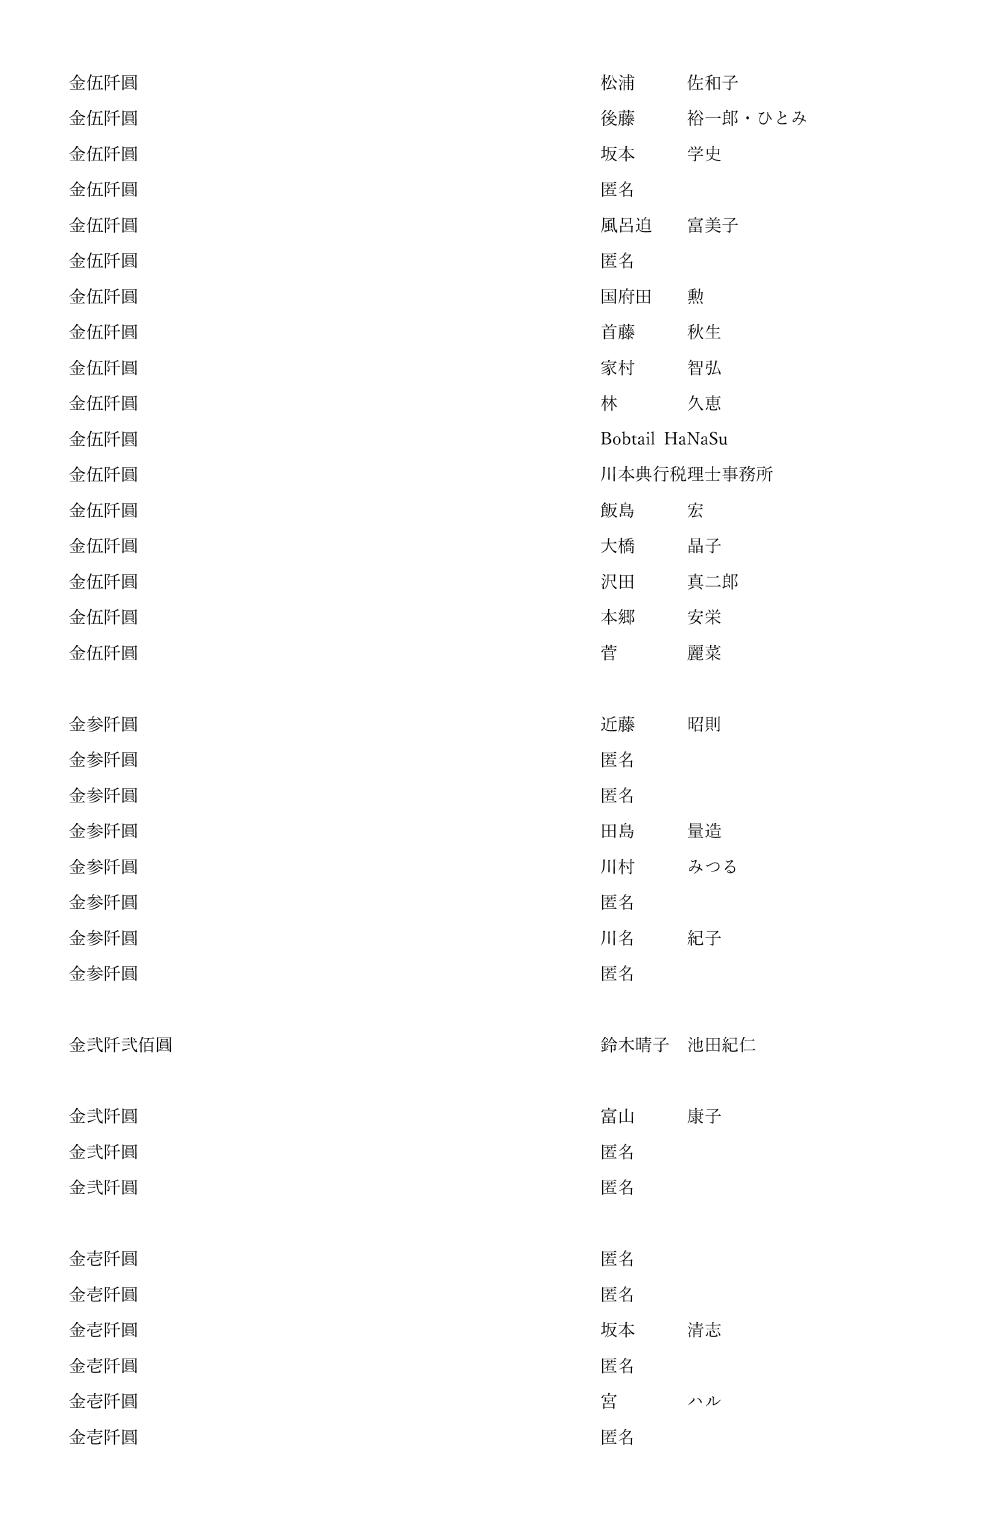 御鎮座七百年記念事業奉賛者御芳名簿21